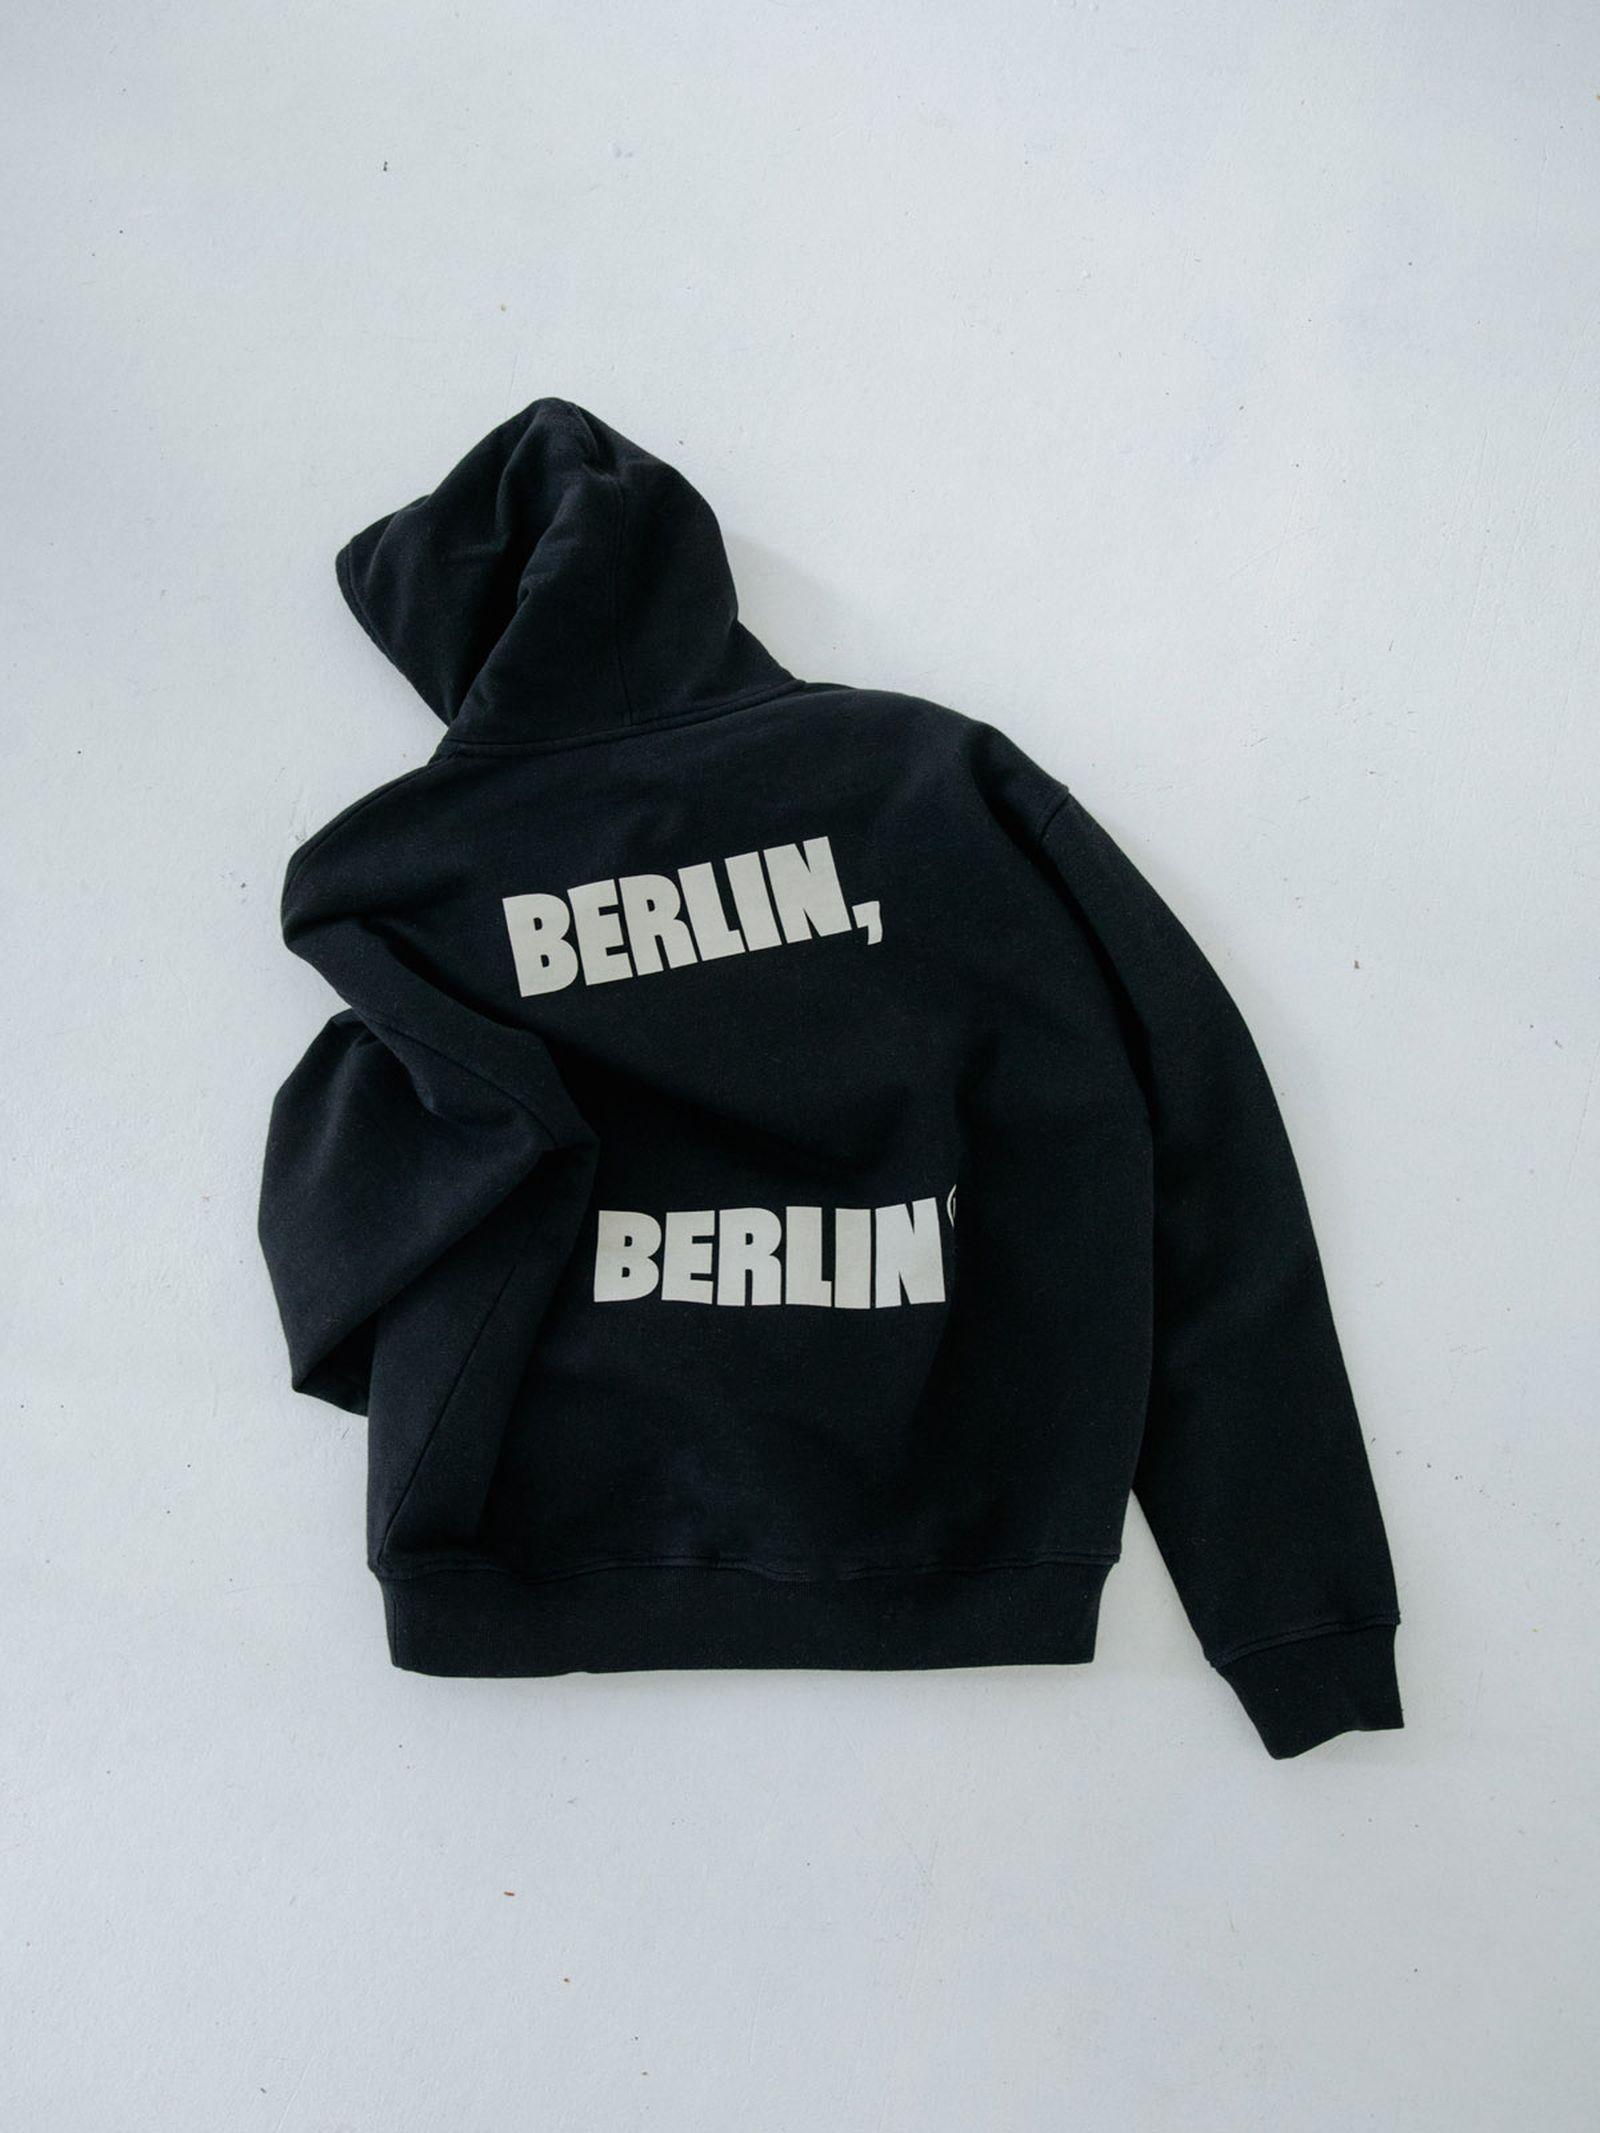 berlin-berlin-06